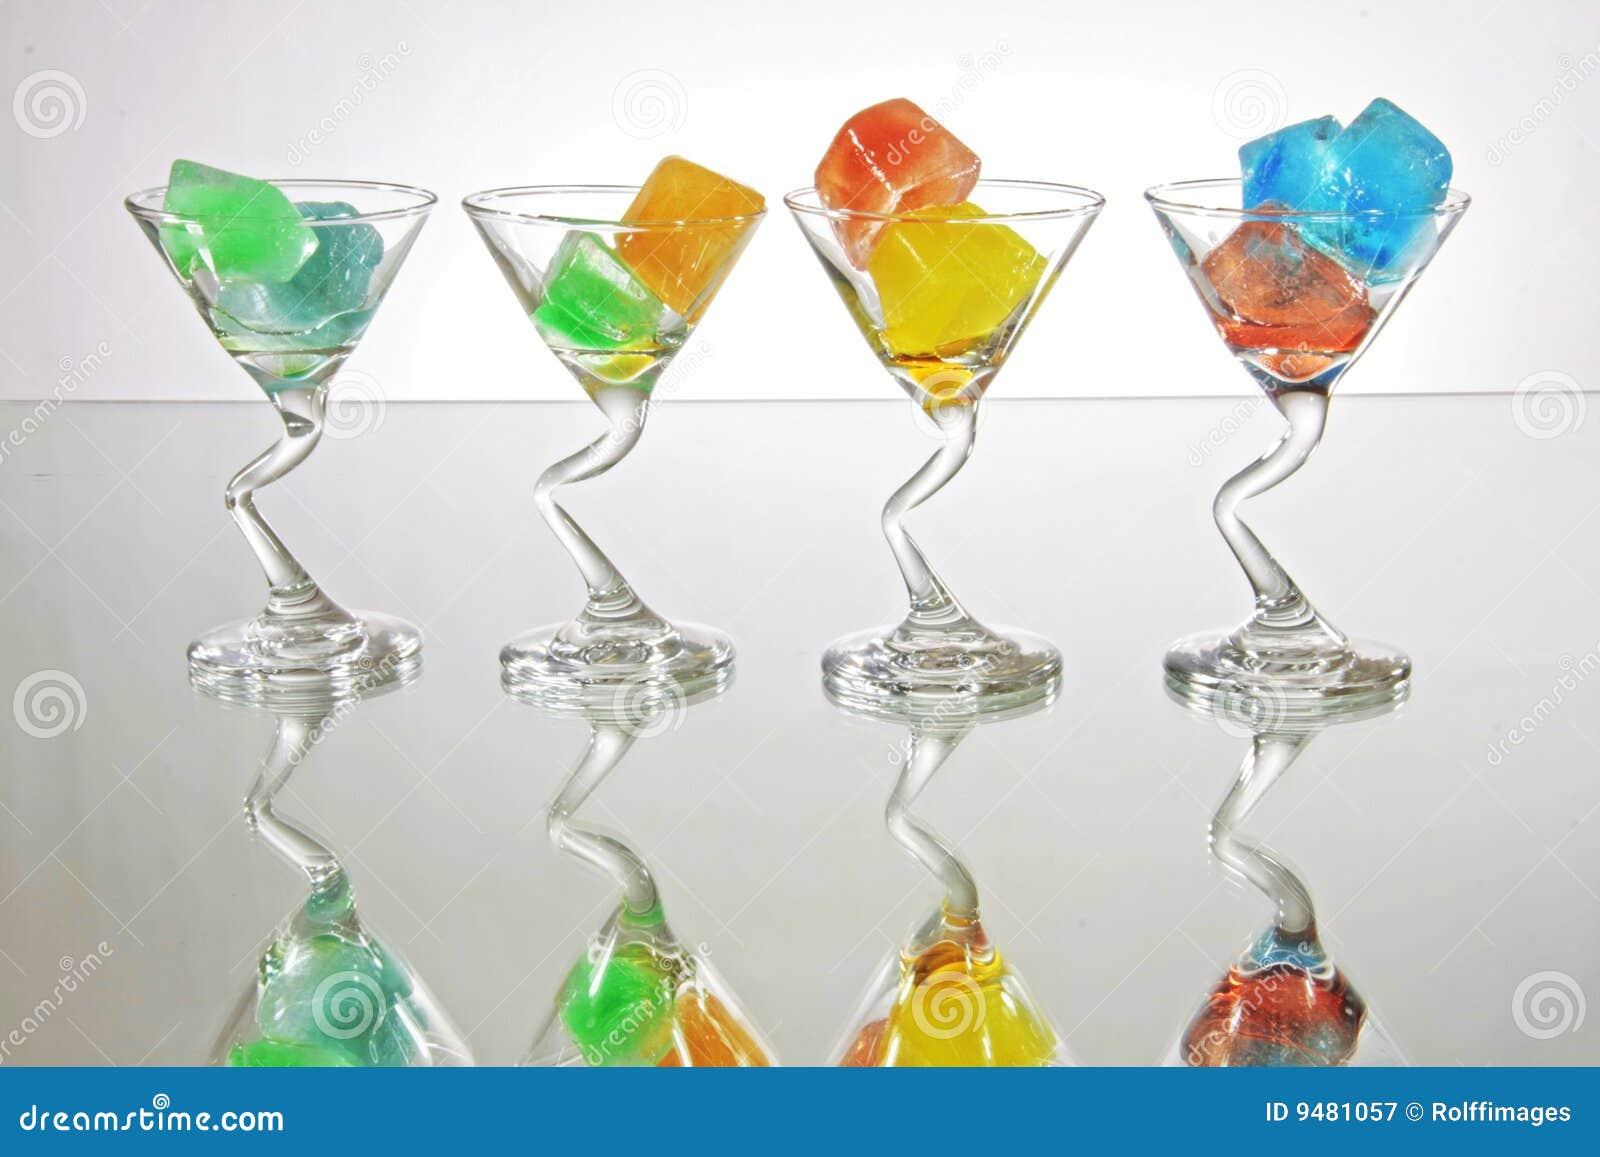 Risultati immagini per immagine ghiaccio colorato